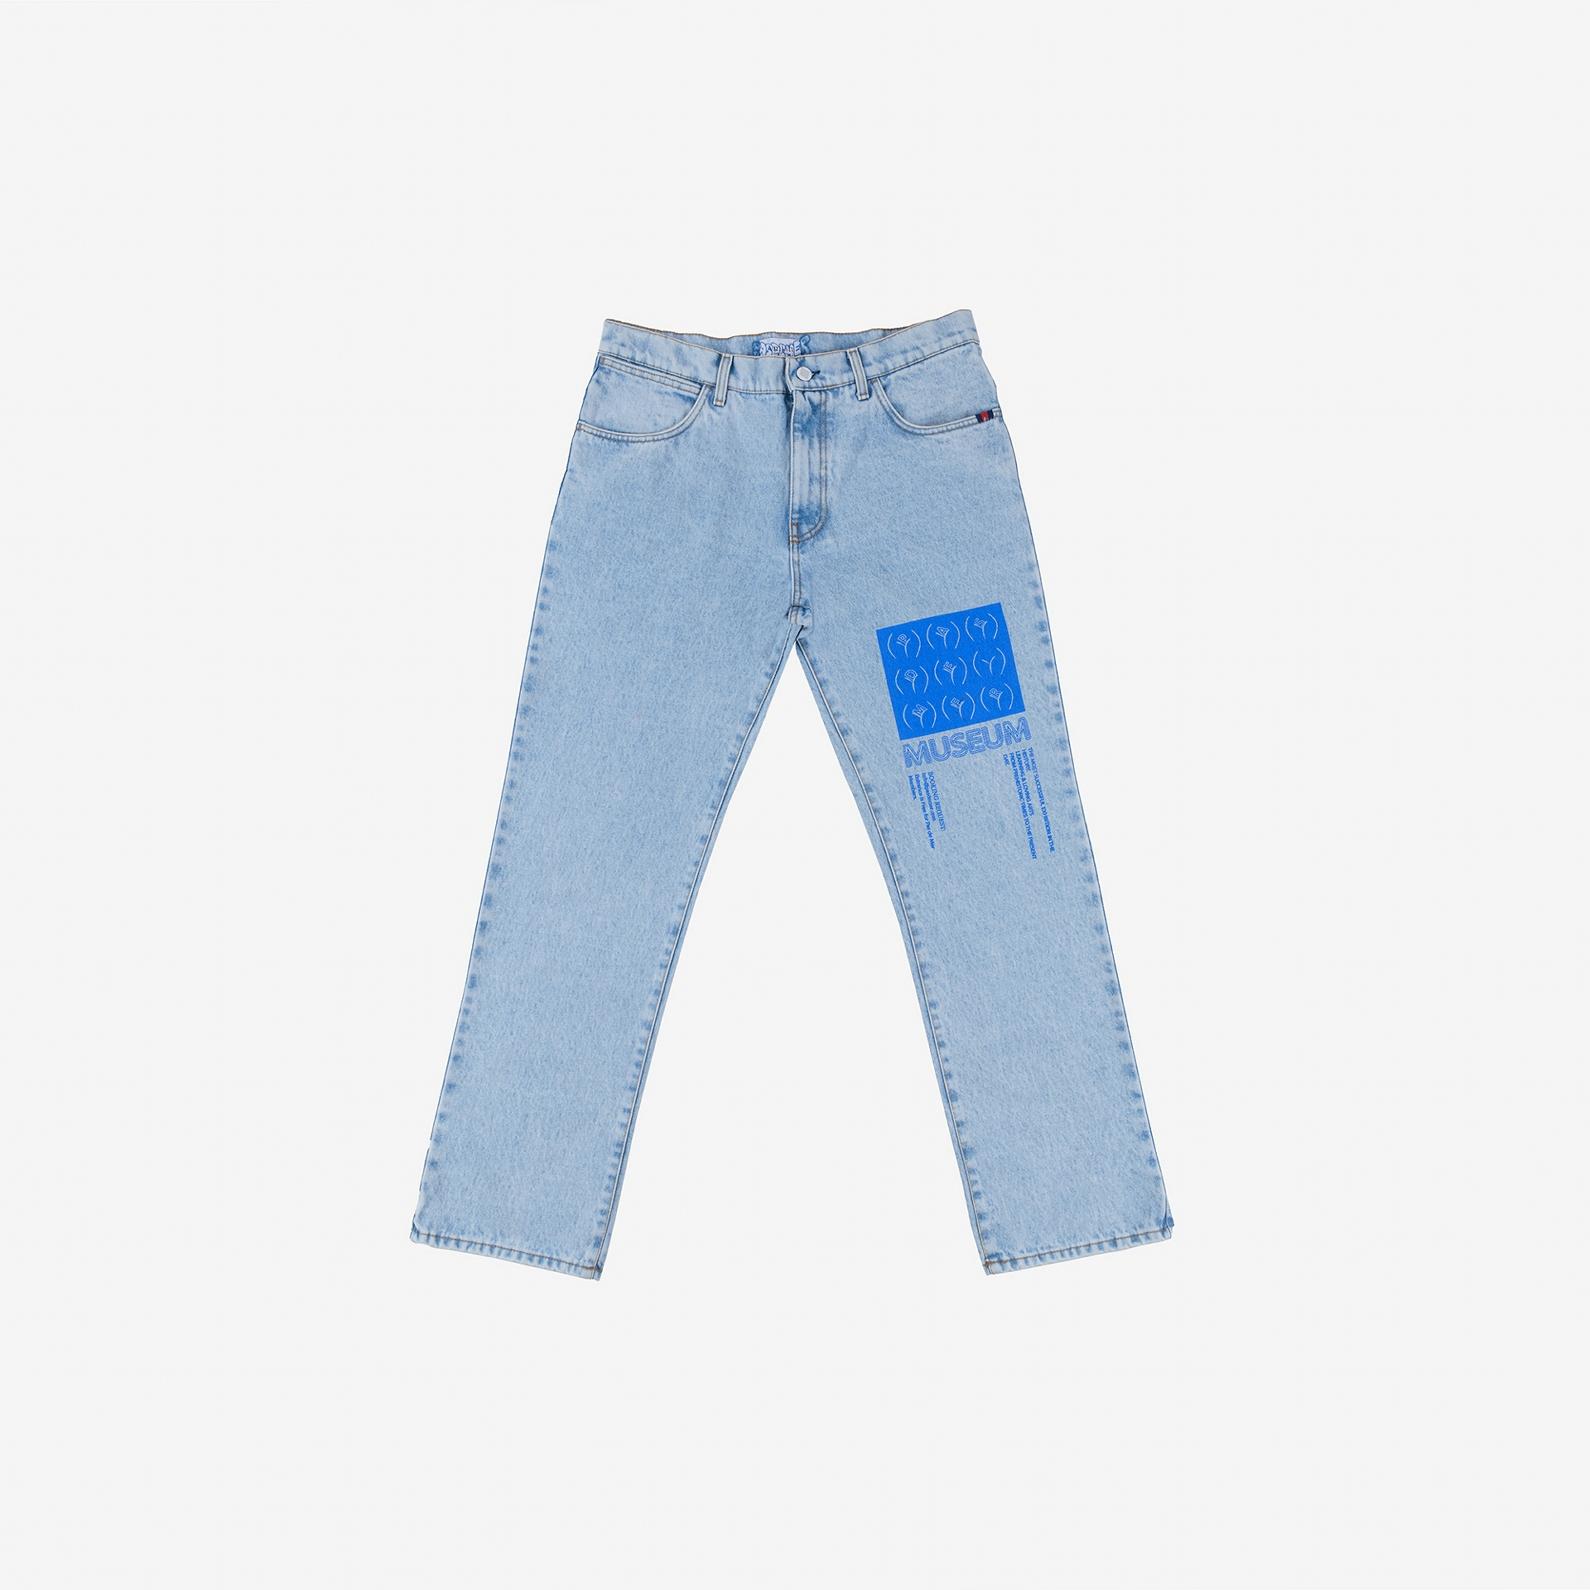 【PAS DE MER/パドゥメ】MUSEUM PANTS デニムパンツ / LIGHT BLUE